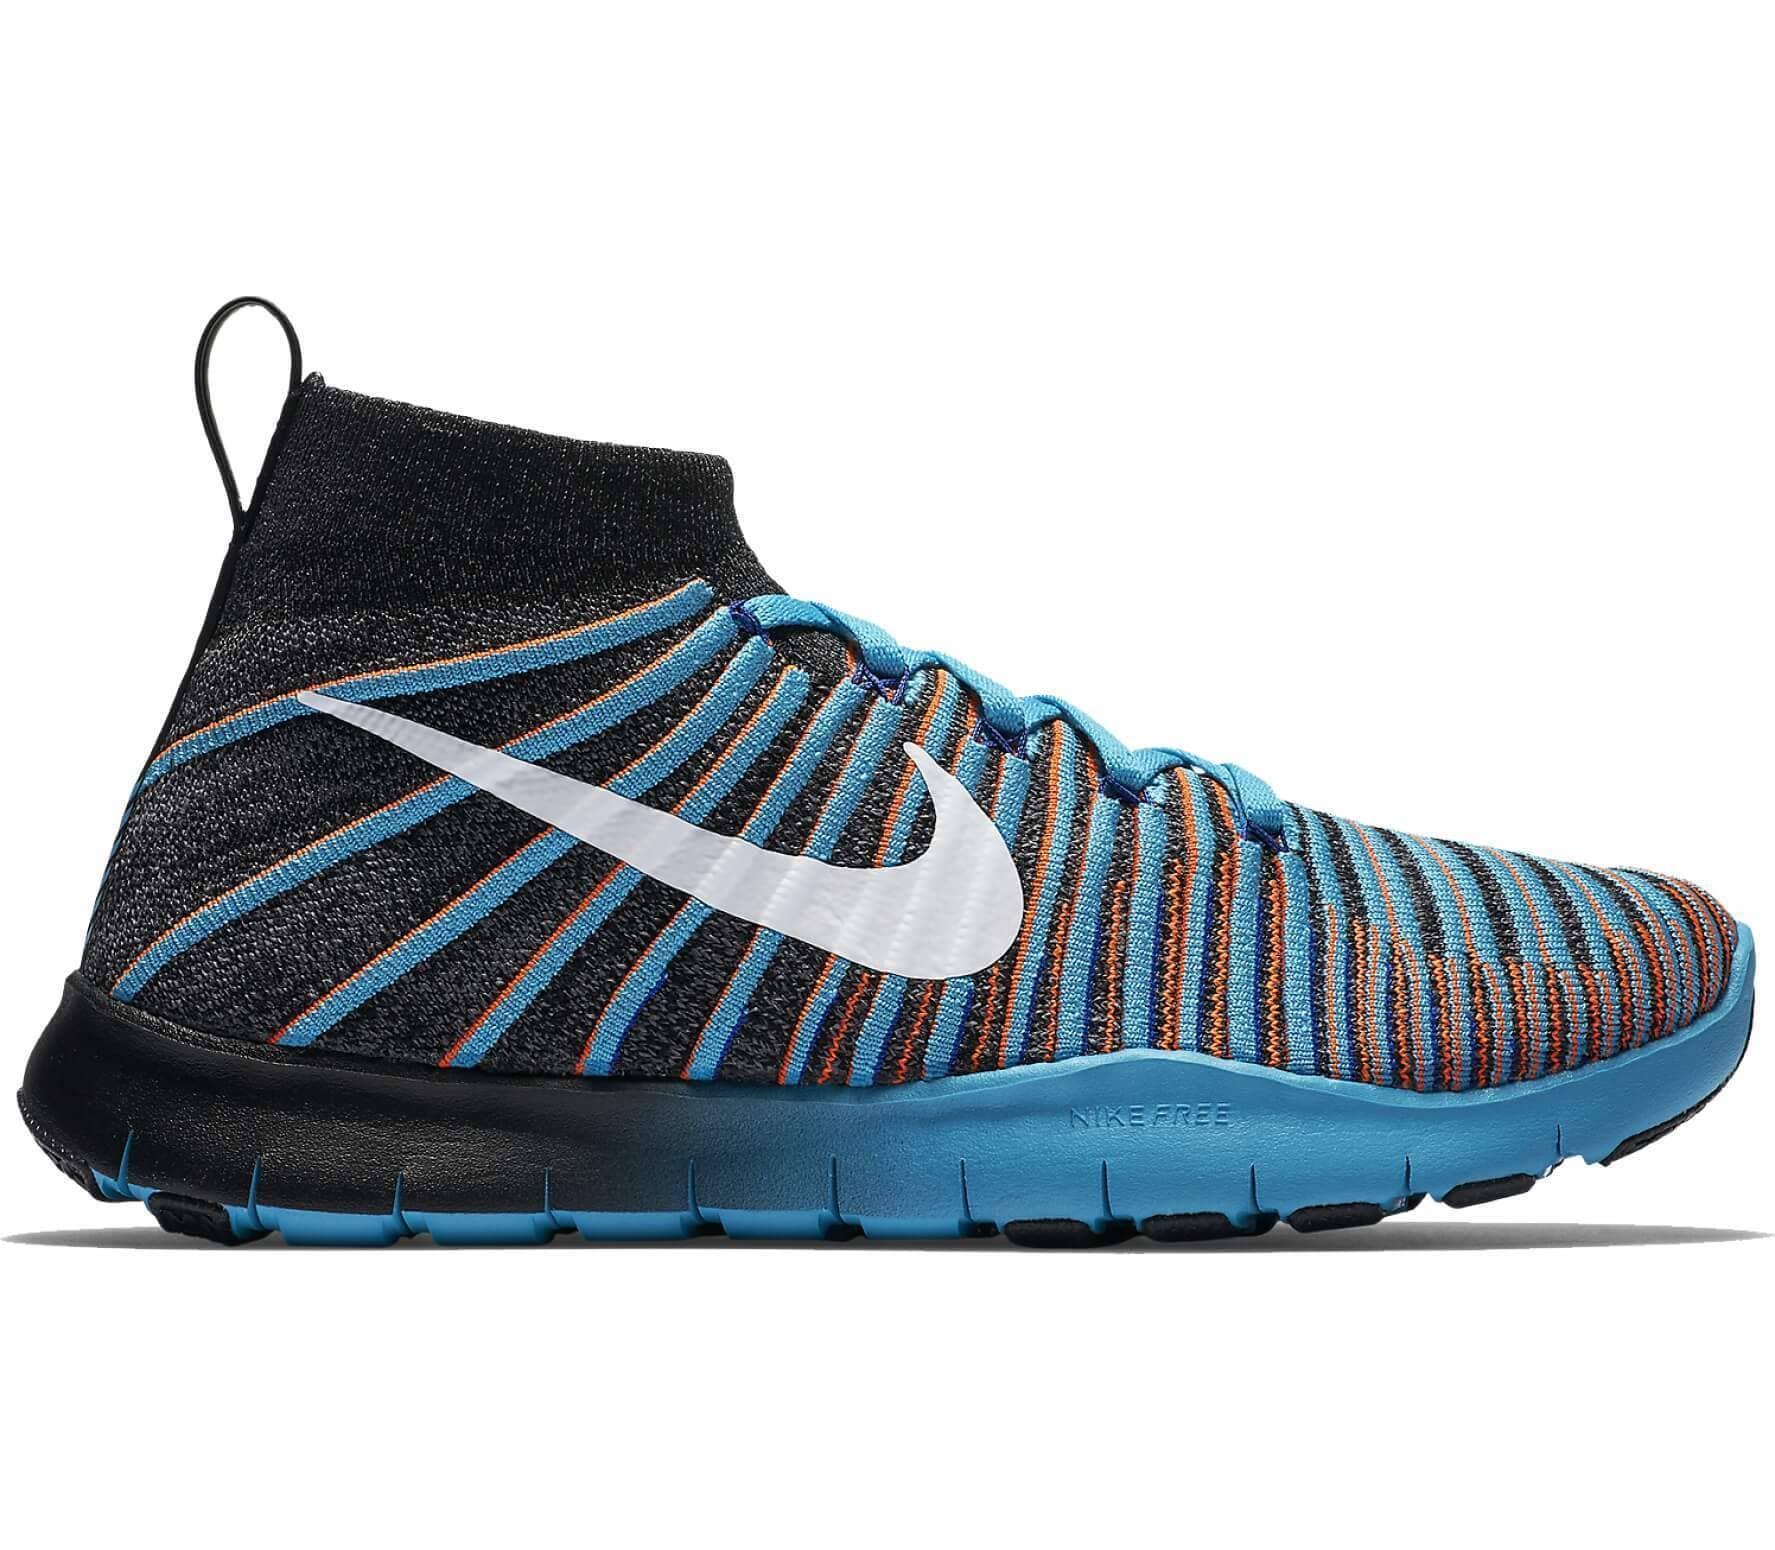 blueblack heren Trainingsschoenen Flyknit Force Train Nike voor Free nxqz00U7